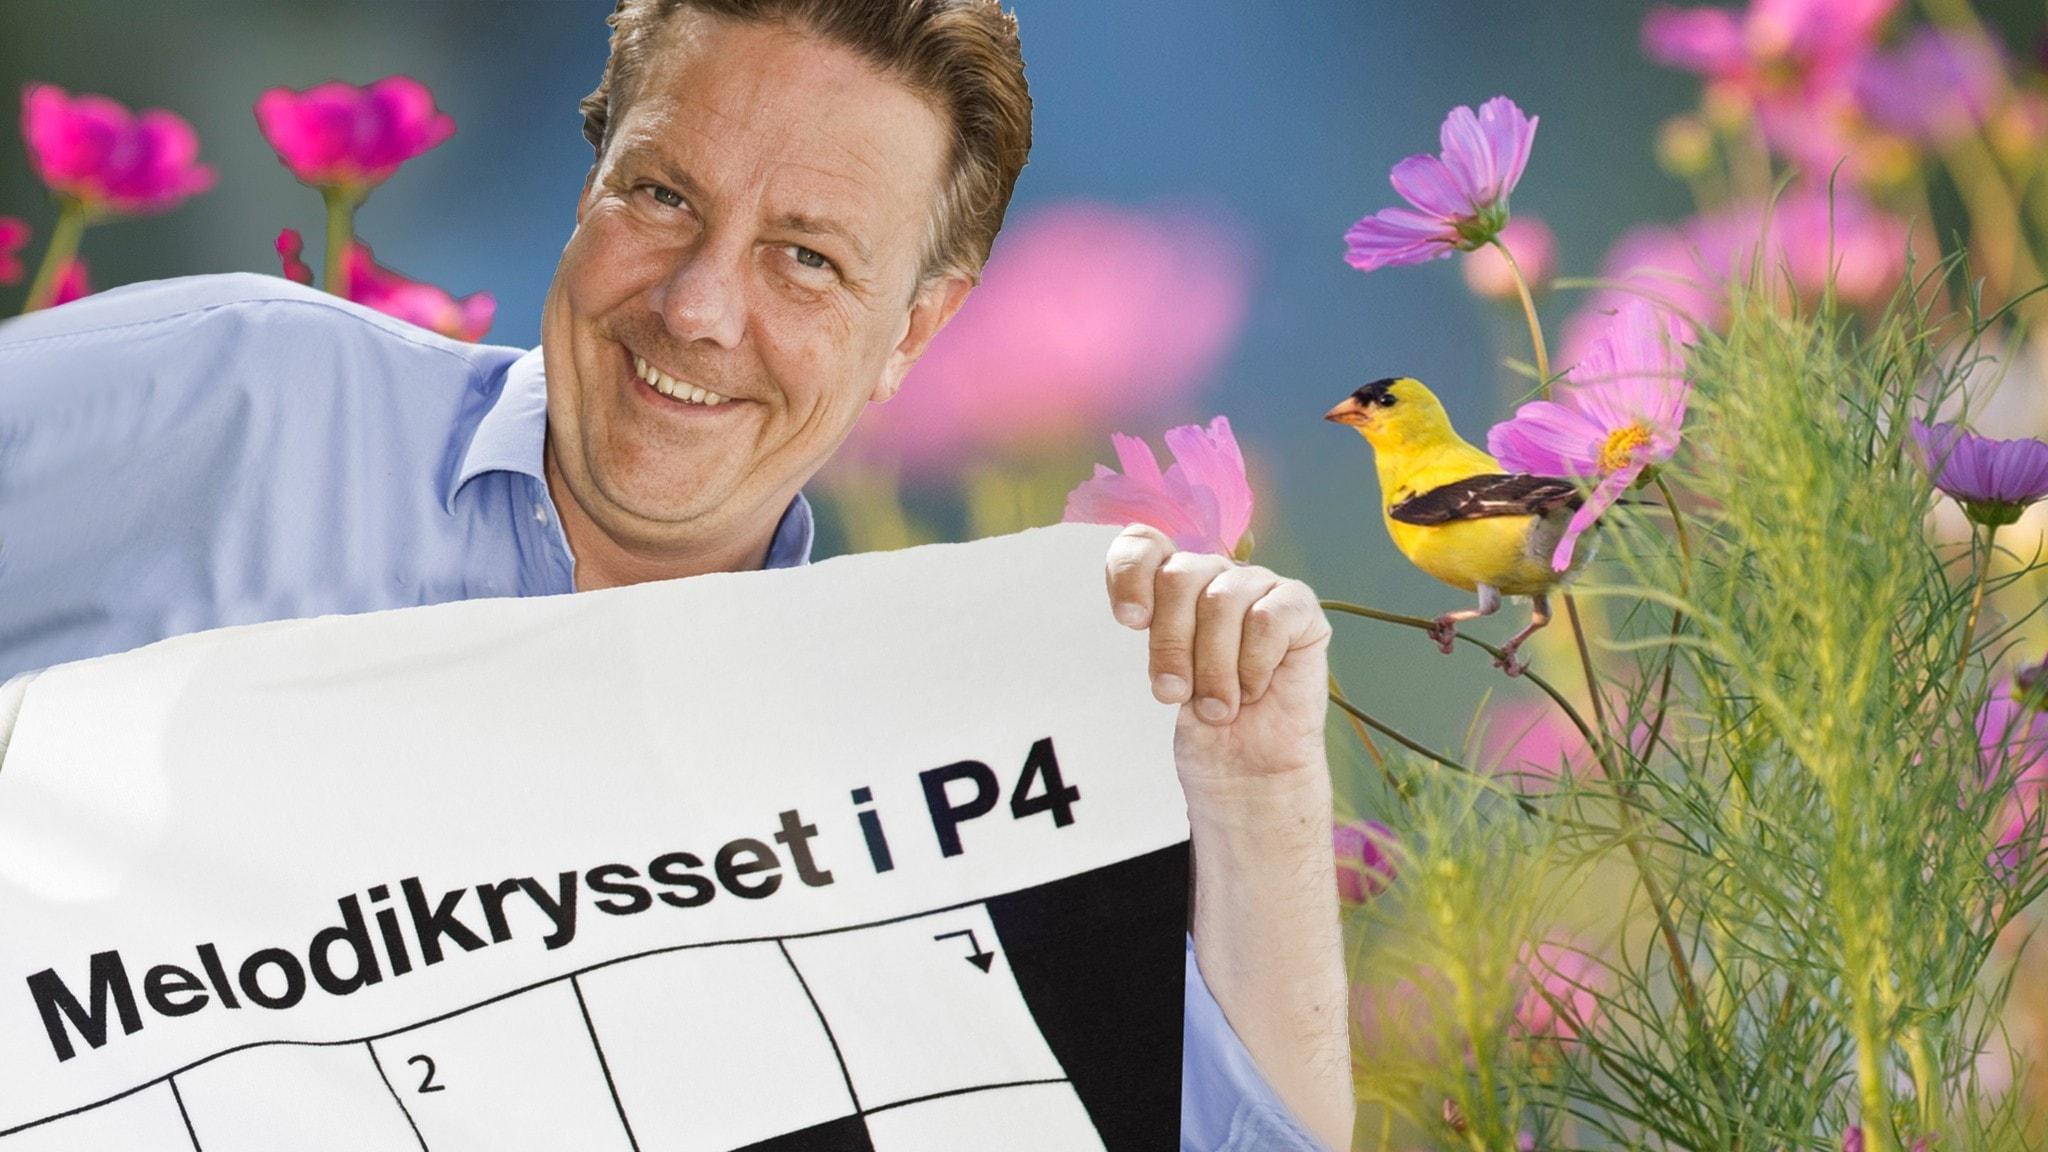 Anders Eldeman med Melodikryssets förstapris - ett badlakan. Foto Olivia Mariette Borg Sveriges Radio